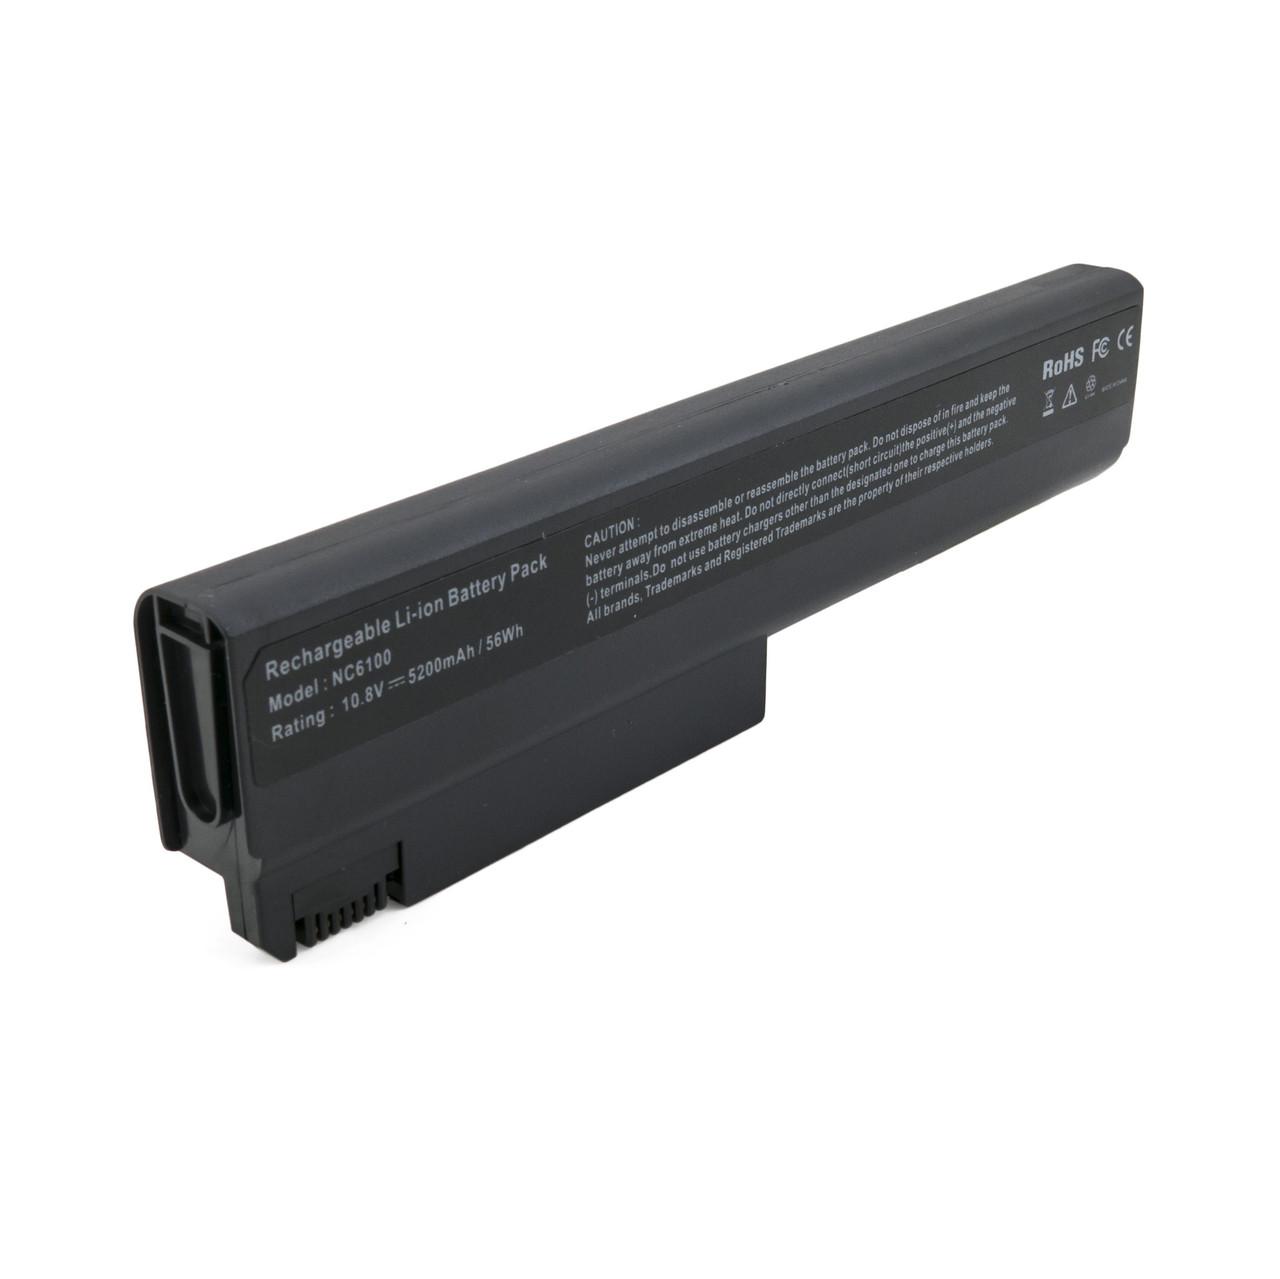 Аккумулятор к ноутбуку HP Business Notebook NC6100 (HSTNN-XB18) 5200 m